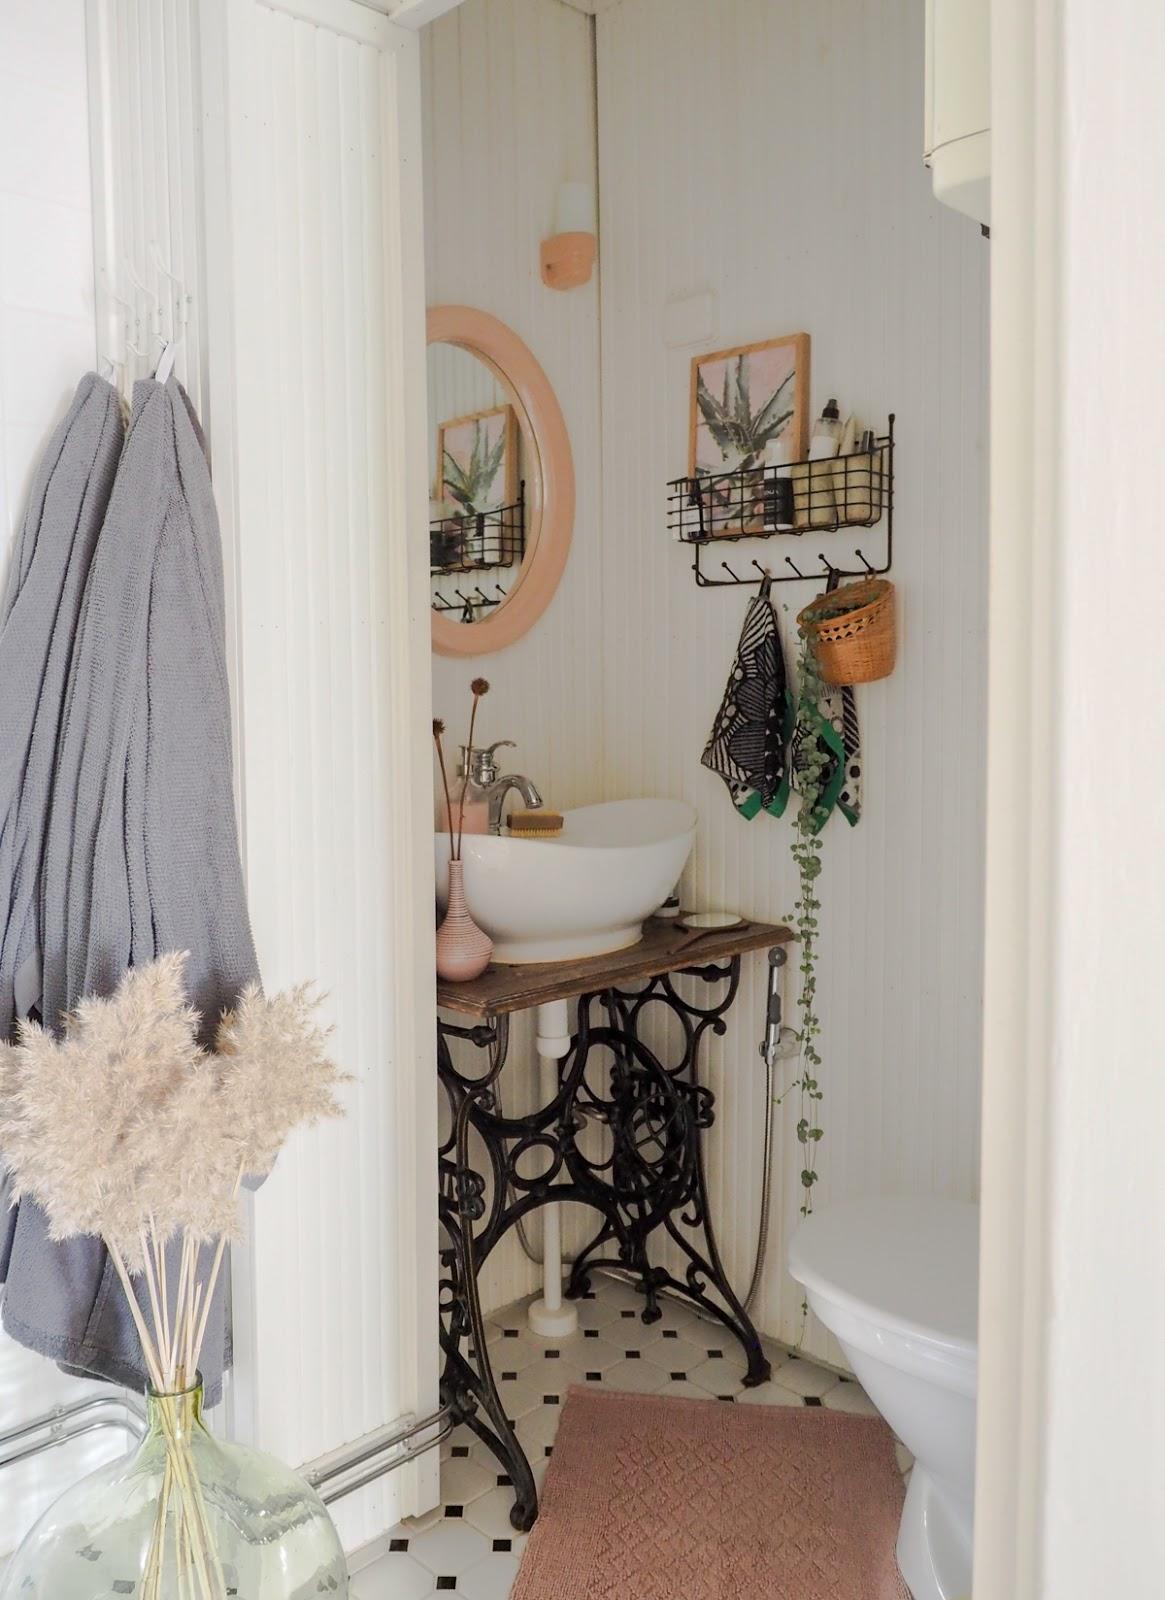 pienen kylpyhuoneen sisustaminen